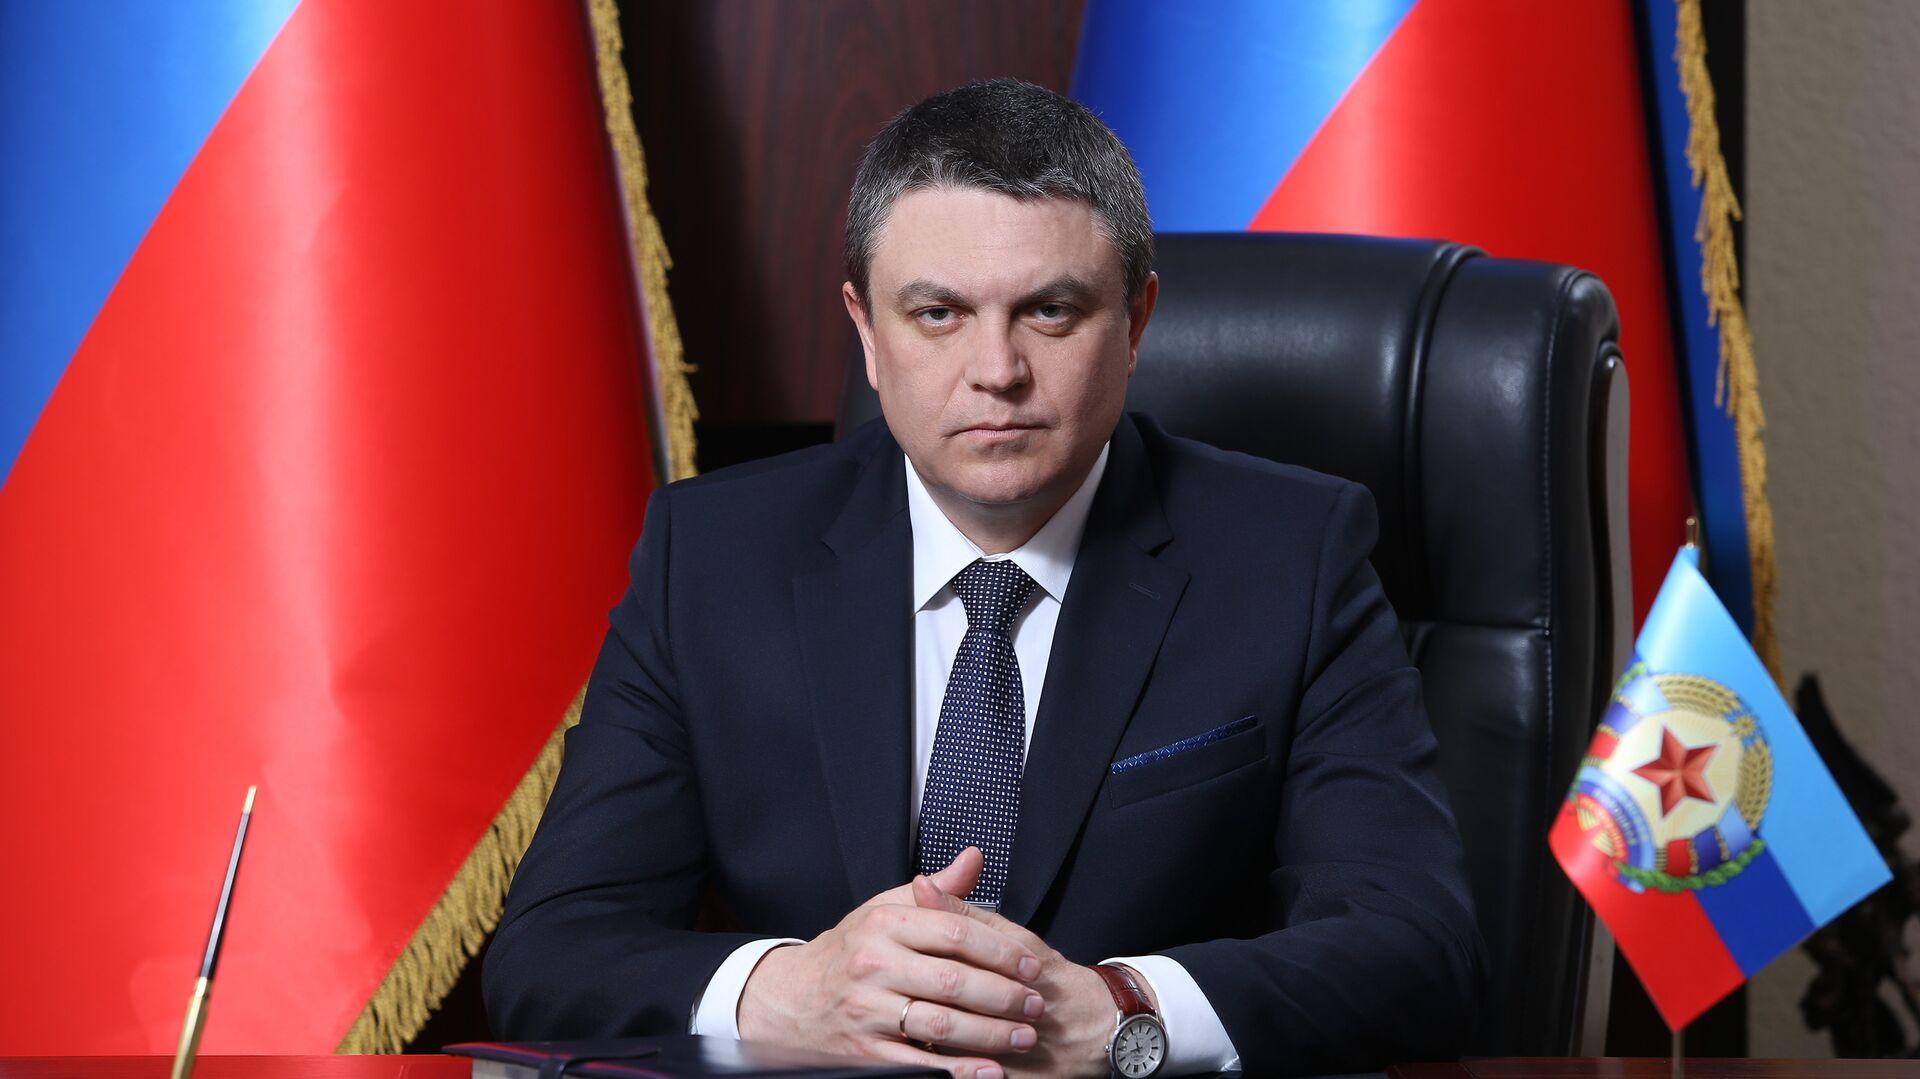 В Госдуме оценили решение Псаки уйти с поста пресс-секретаря президента